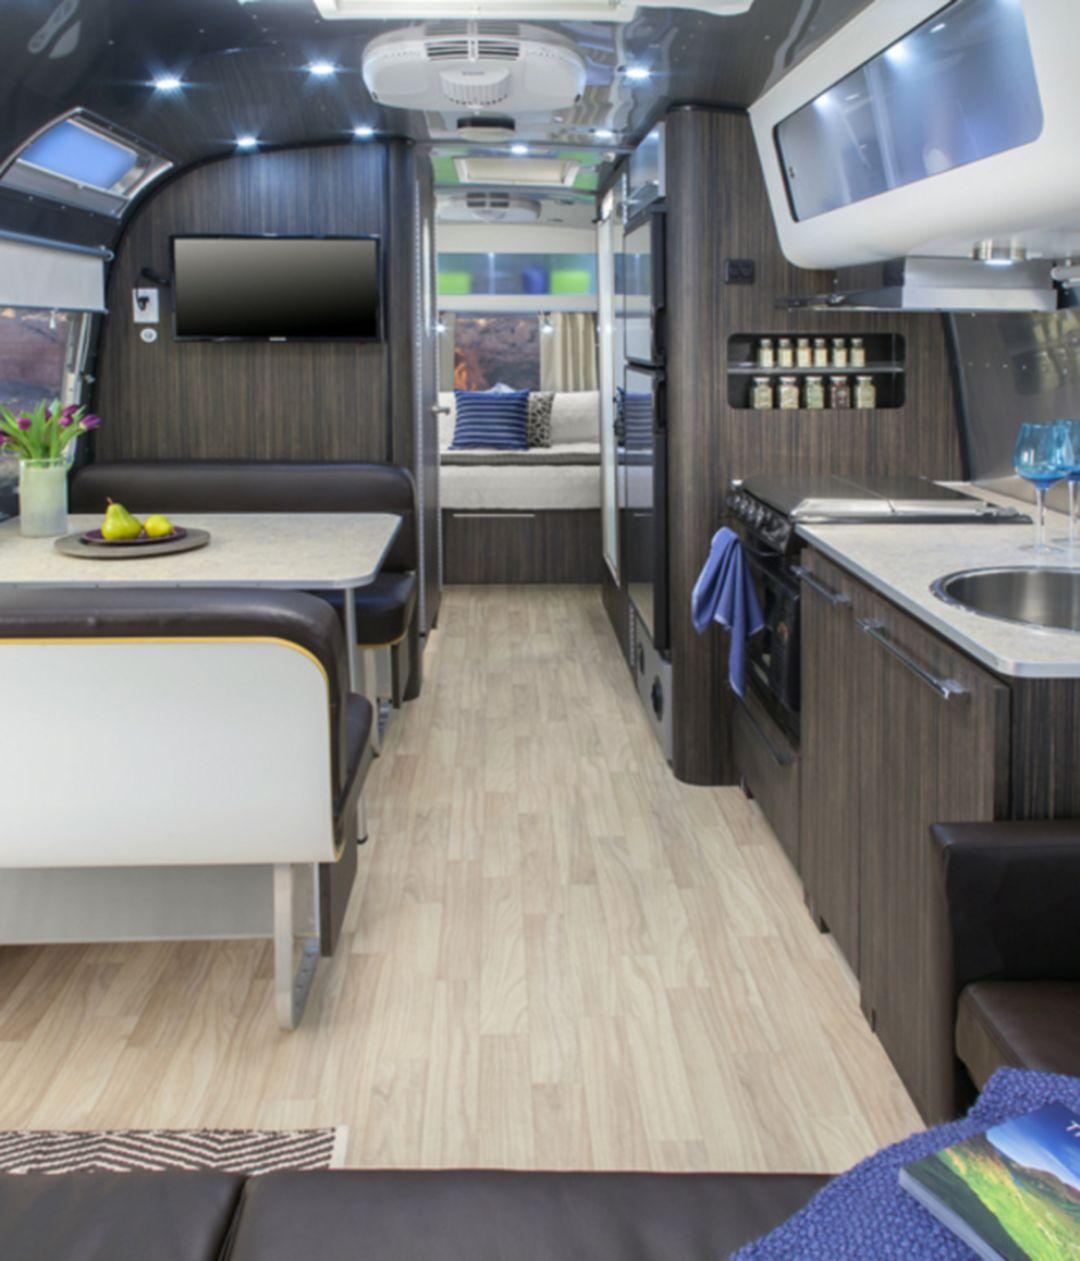 14065 Amazing Airstream Interior Design Ideas Freshome.com